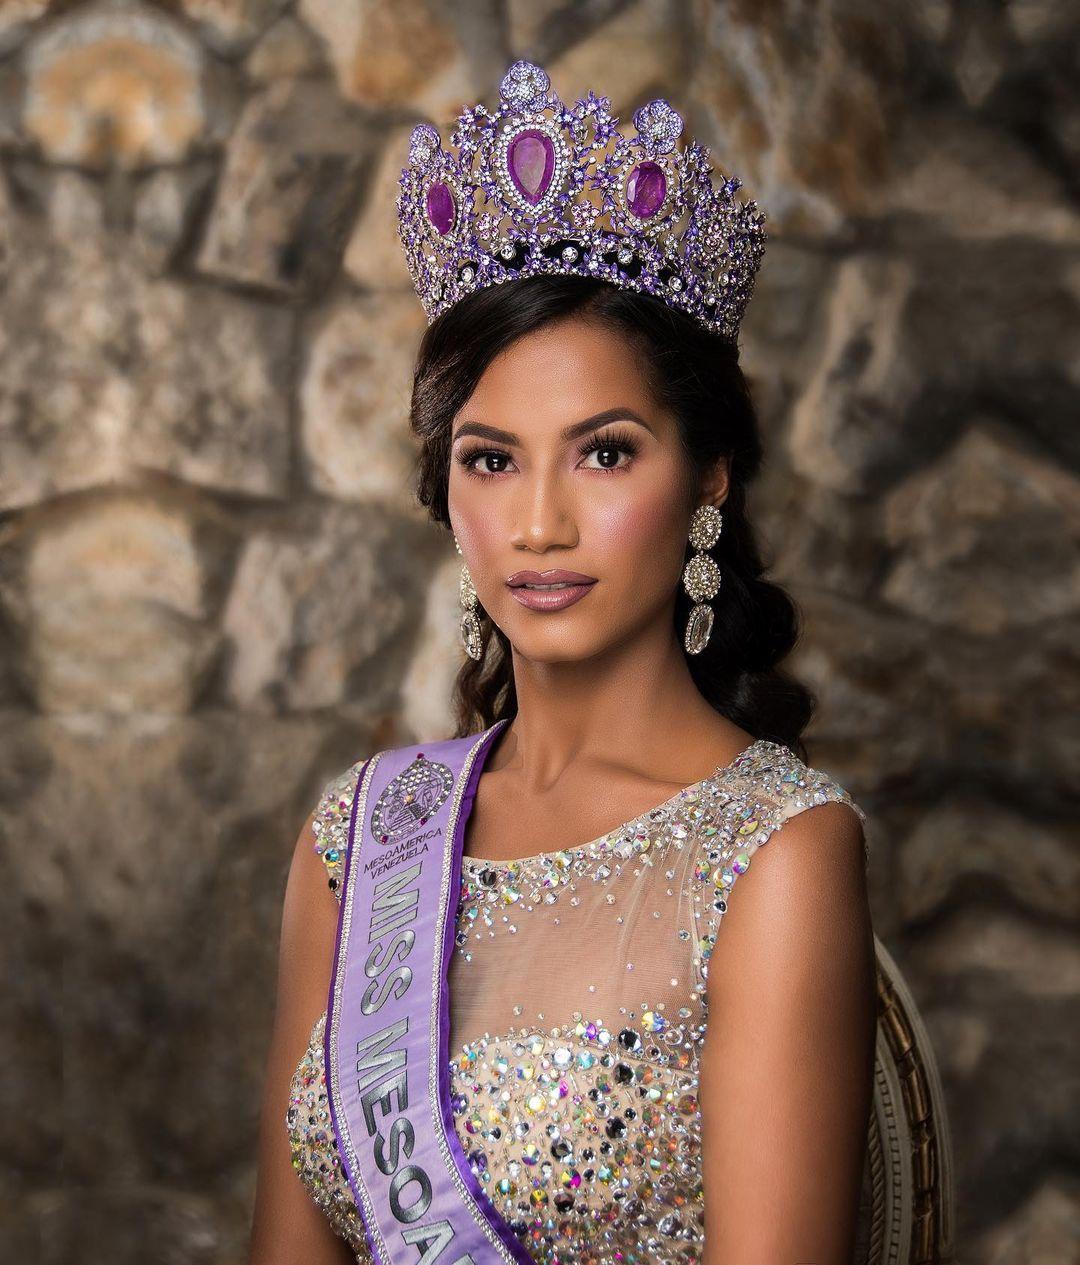 imelys velasquez, miss mesoamerica international 2021. 22792913